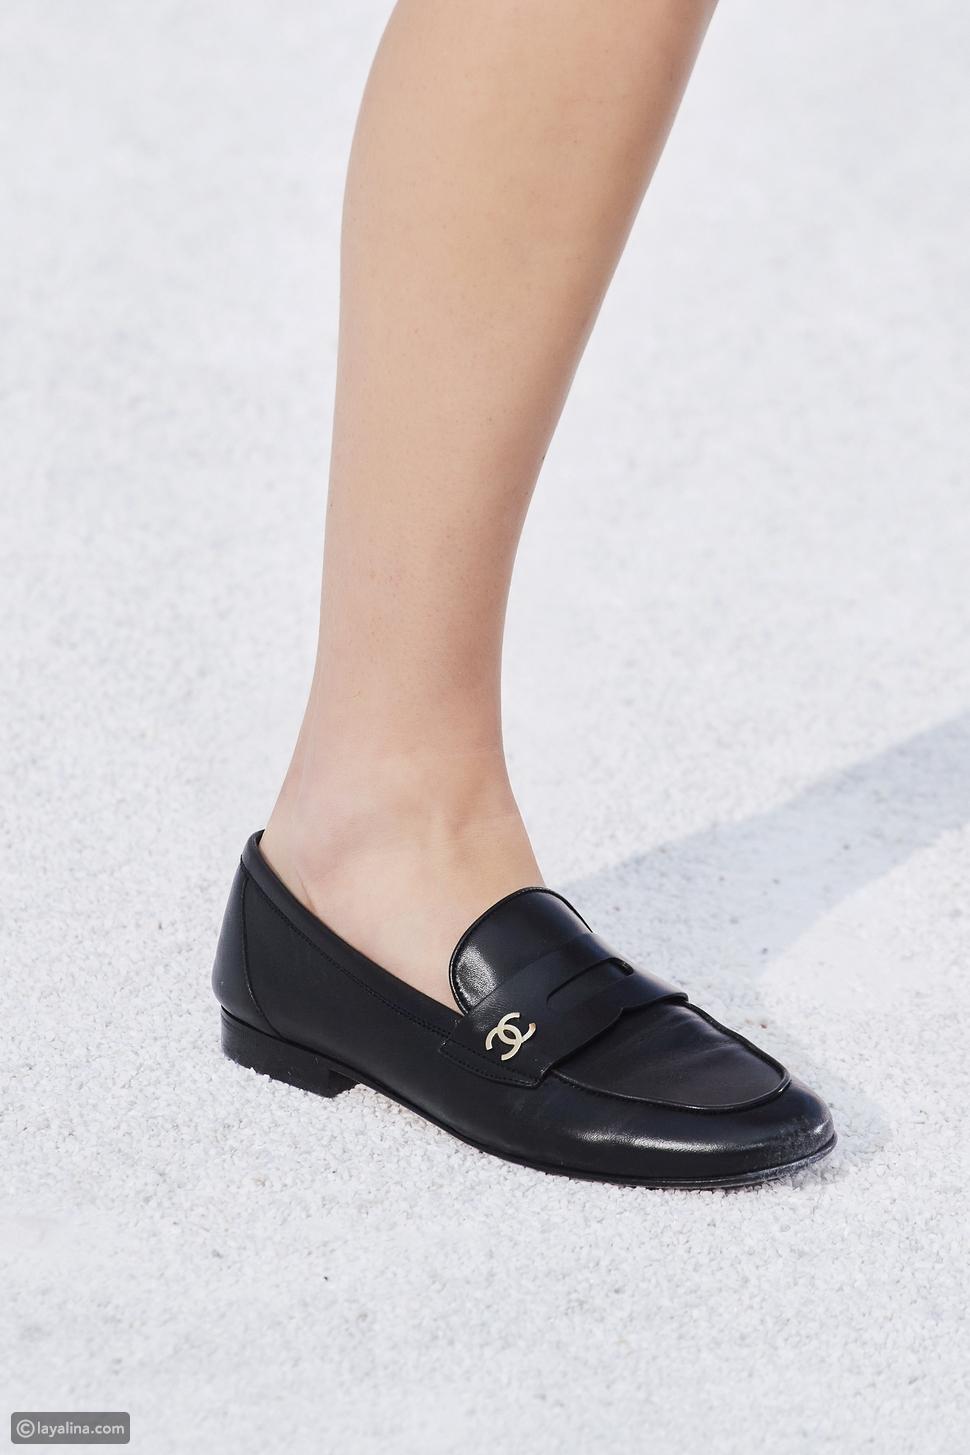 حذاء لوفر من شانيل Chanel